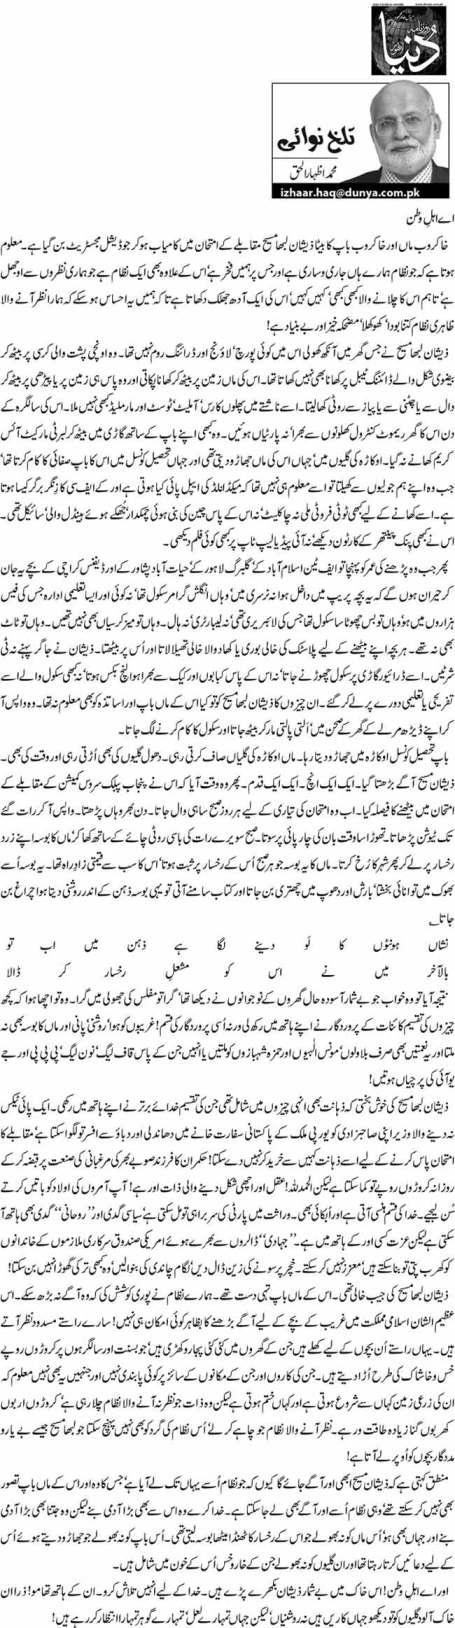 Aye Ahle Watan - M. Izhar ul Haq